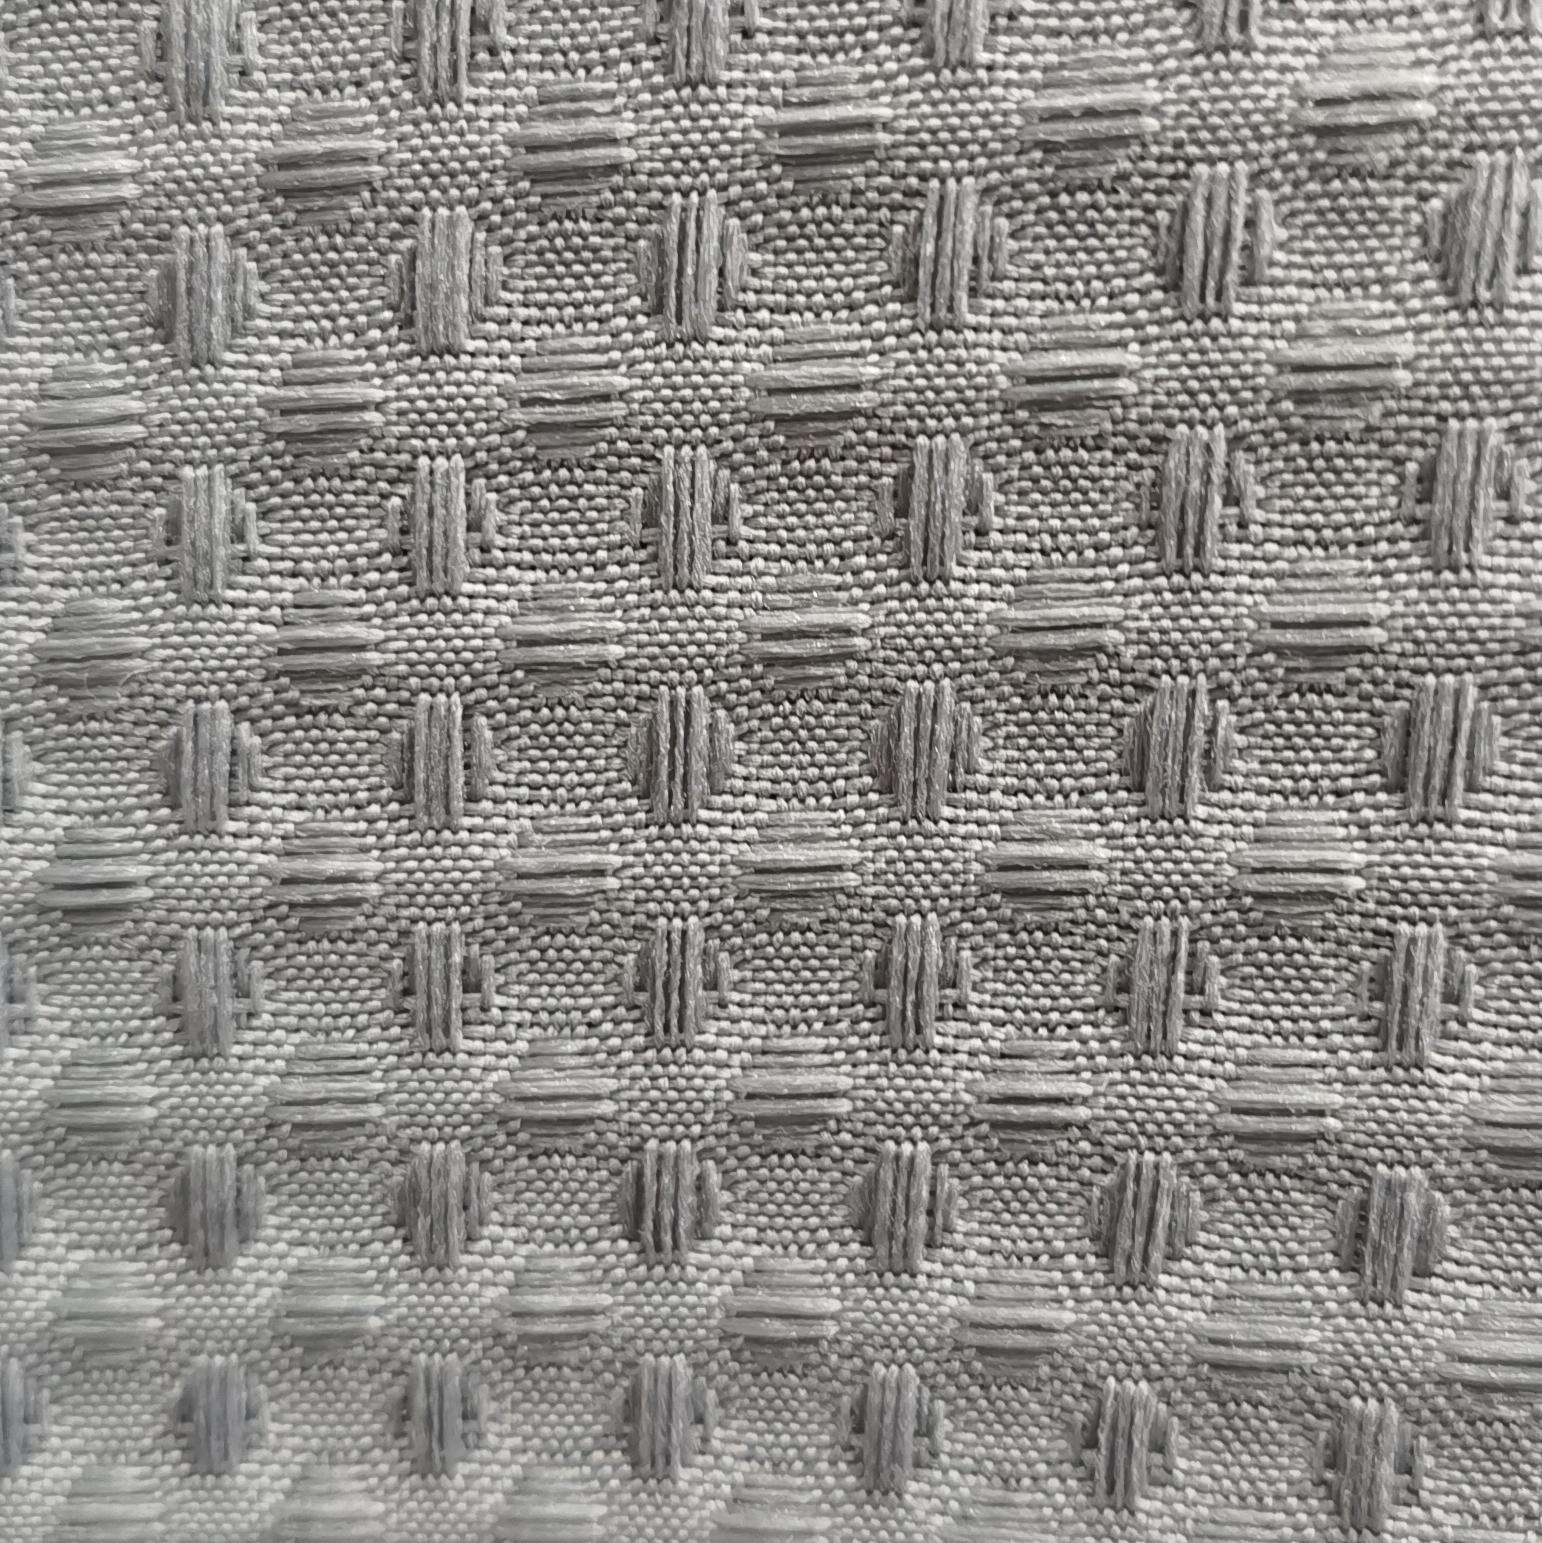 Клетчатая домашняя текстильная ткань из полиэстера с вафельным покрытием для ванной комнаты